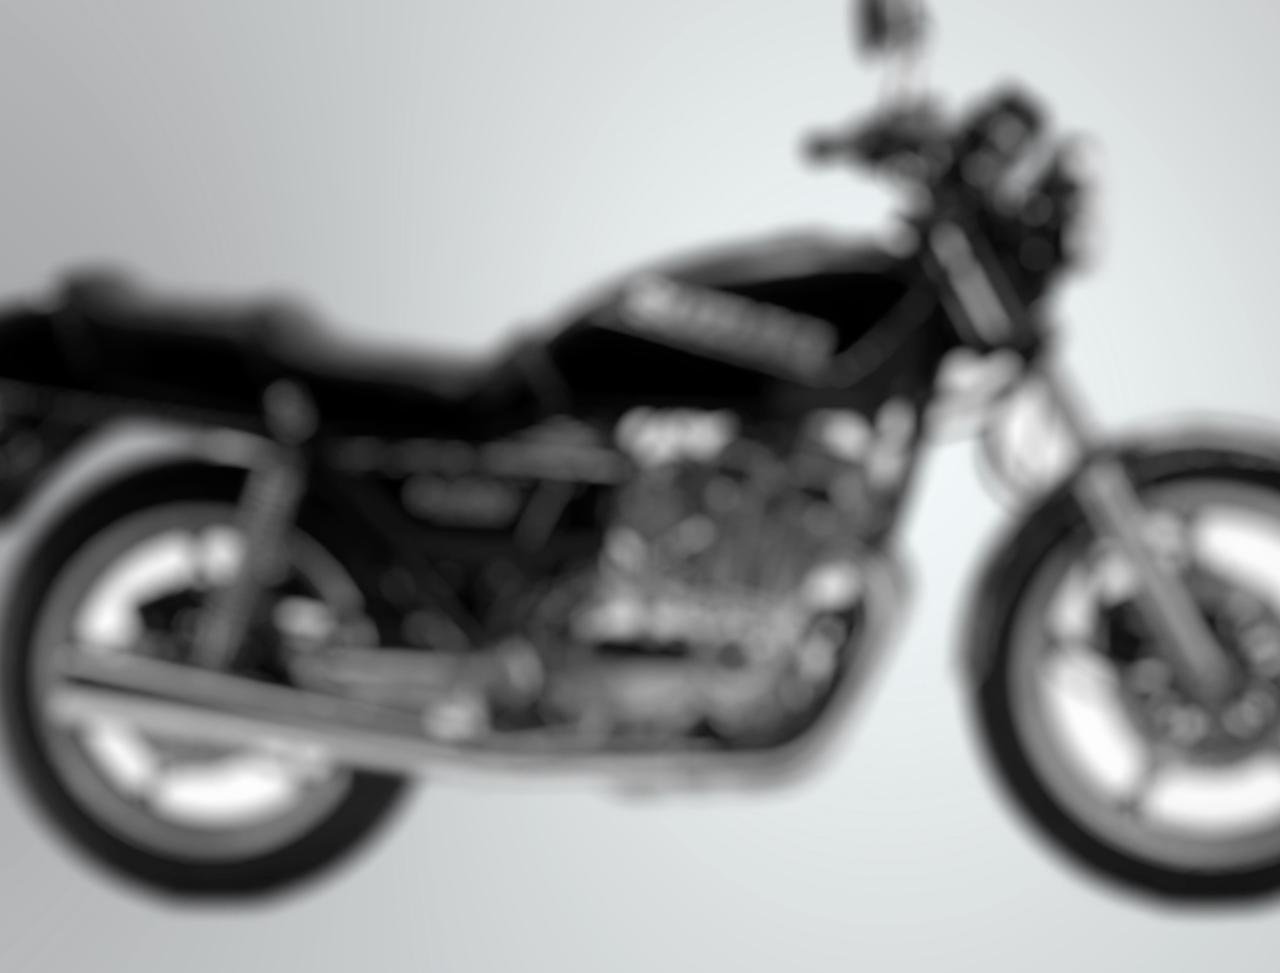 画像4: 【スズキ初の400cc4気筒モデルといえば?】このバイクなーんだ?